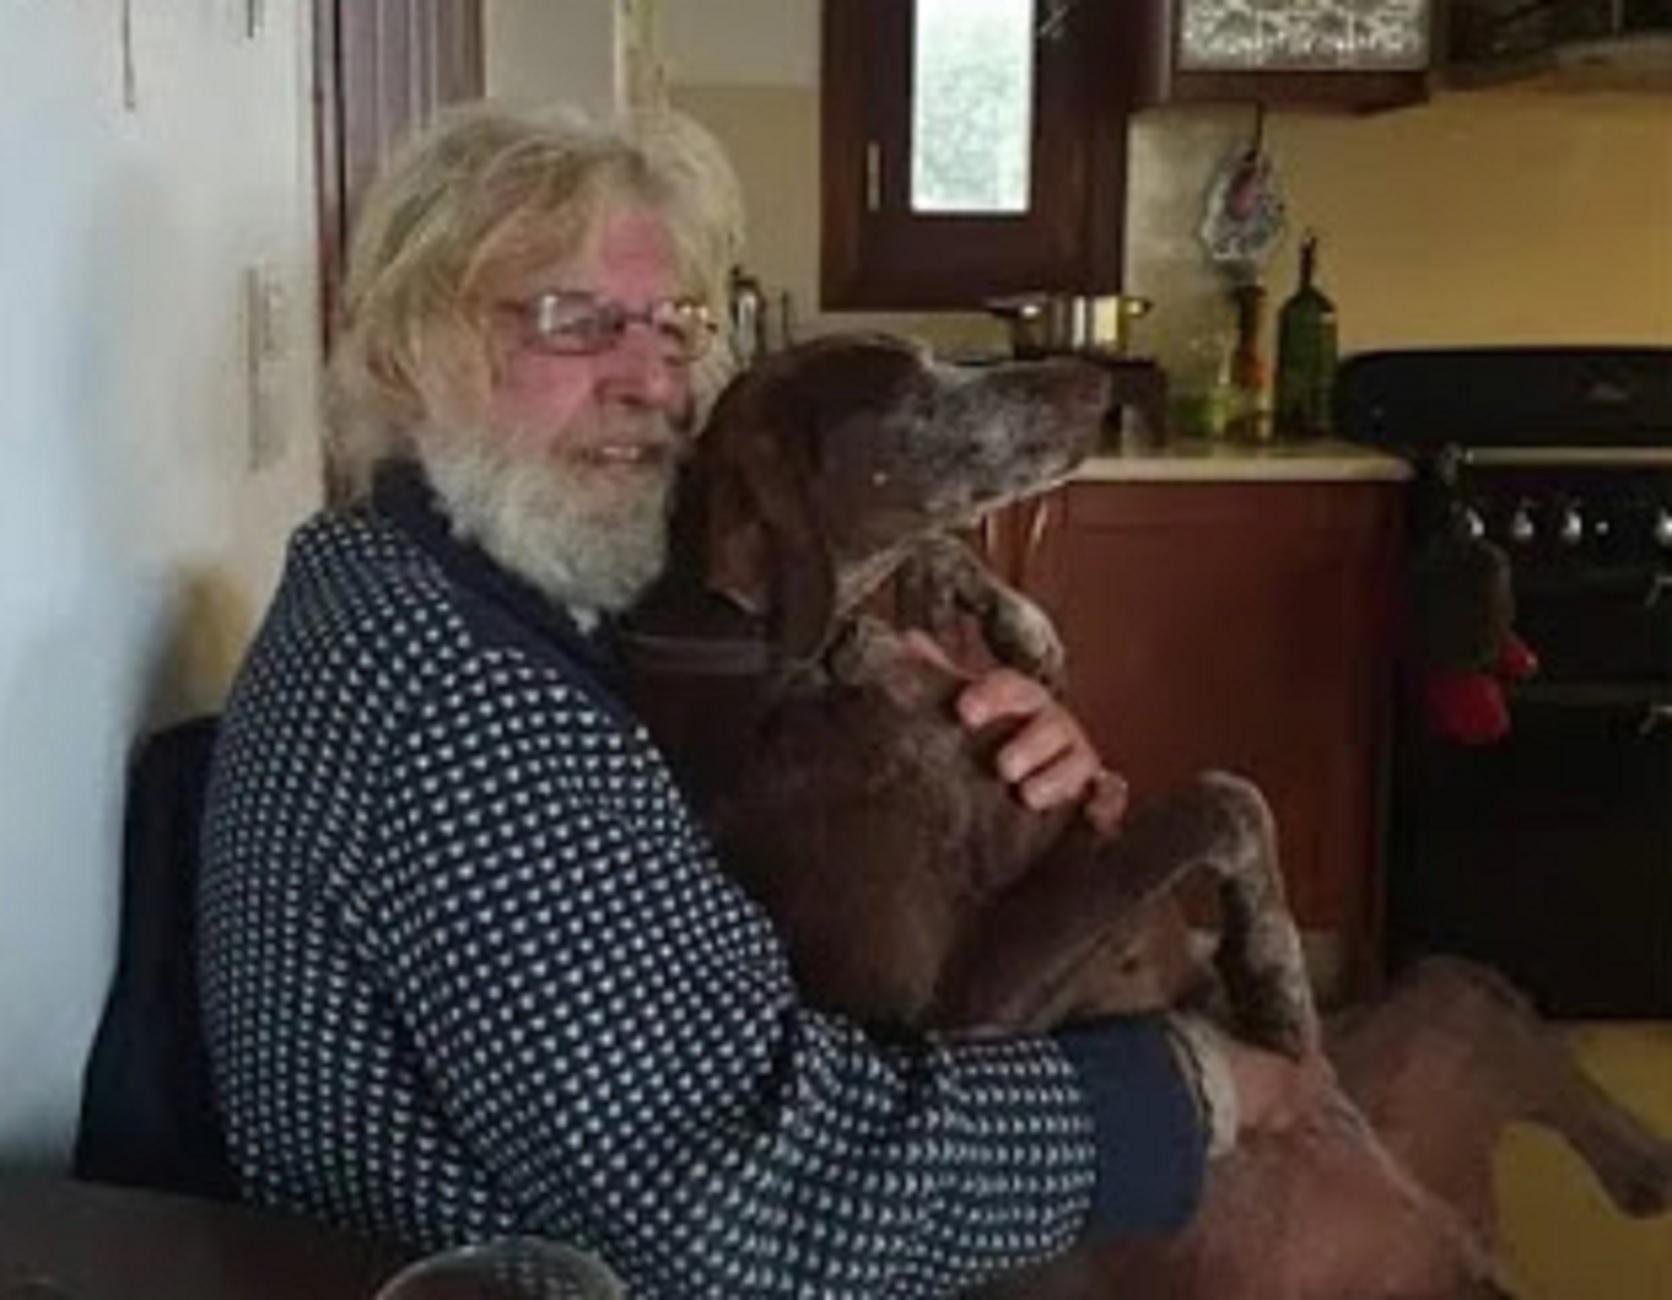 Χανιά: Λύνεται ο γρίφος για τον θάνατο του Σκωτσέζου λόρδου στο βυθισμένο ιστιοφόρο – Τα νέα στοιχεία (pics)